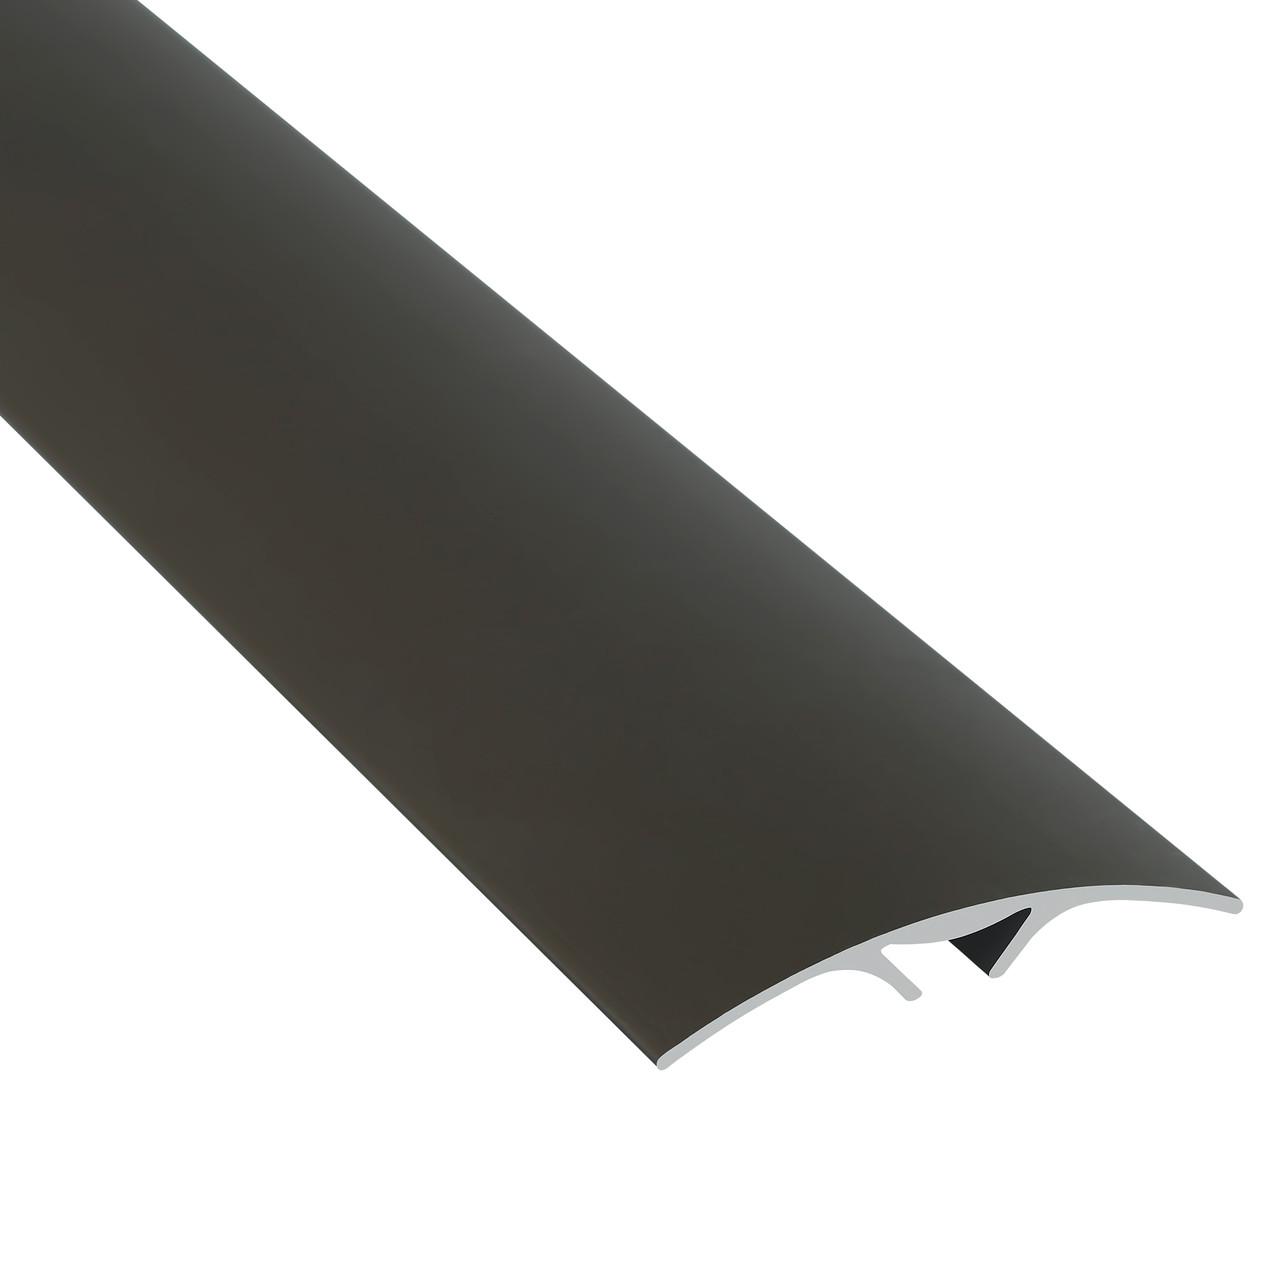 Алюминиевый профиль одноуровневый гладкий анодированный (скрытая система крепления) 40мм х 2.7 м бронза